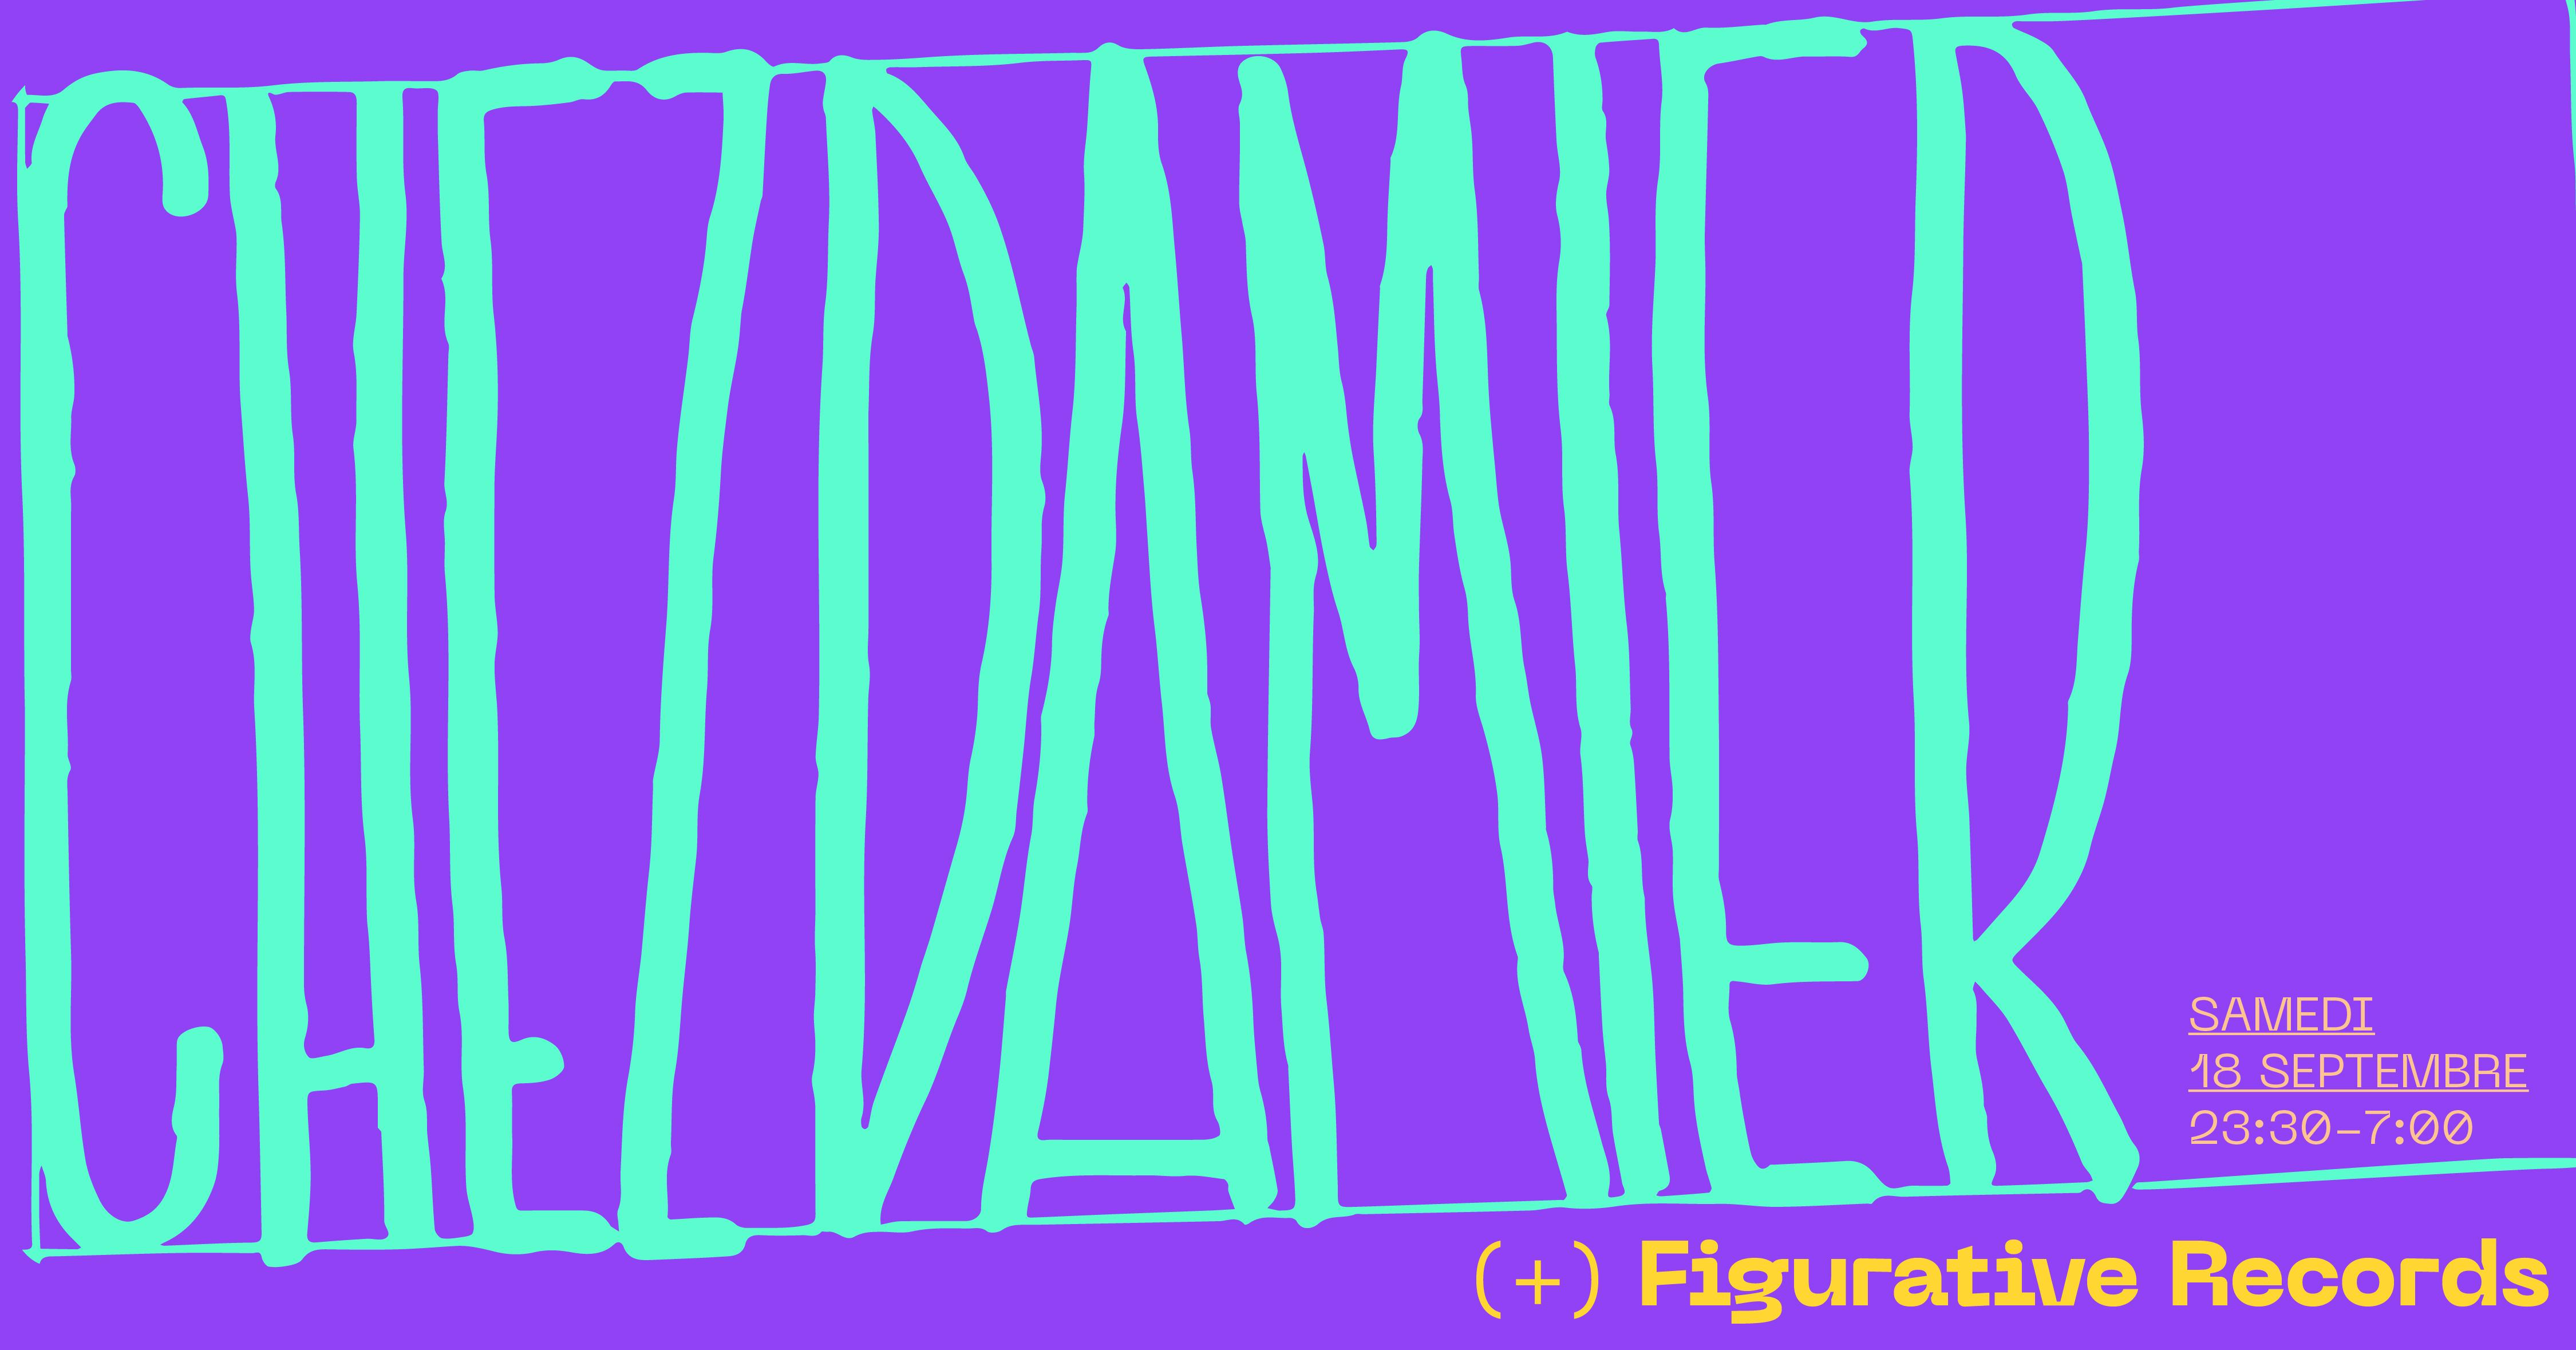 Badaboum Club : Chez Damier extended set, Figurative Records